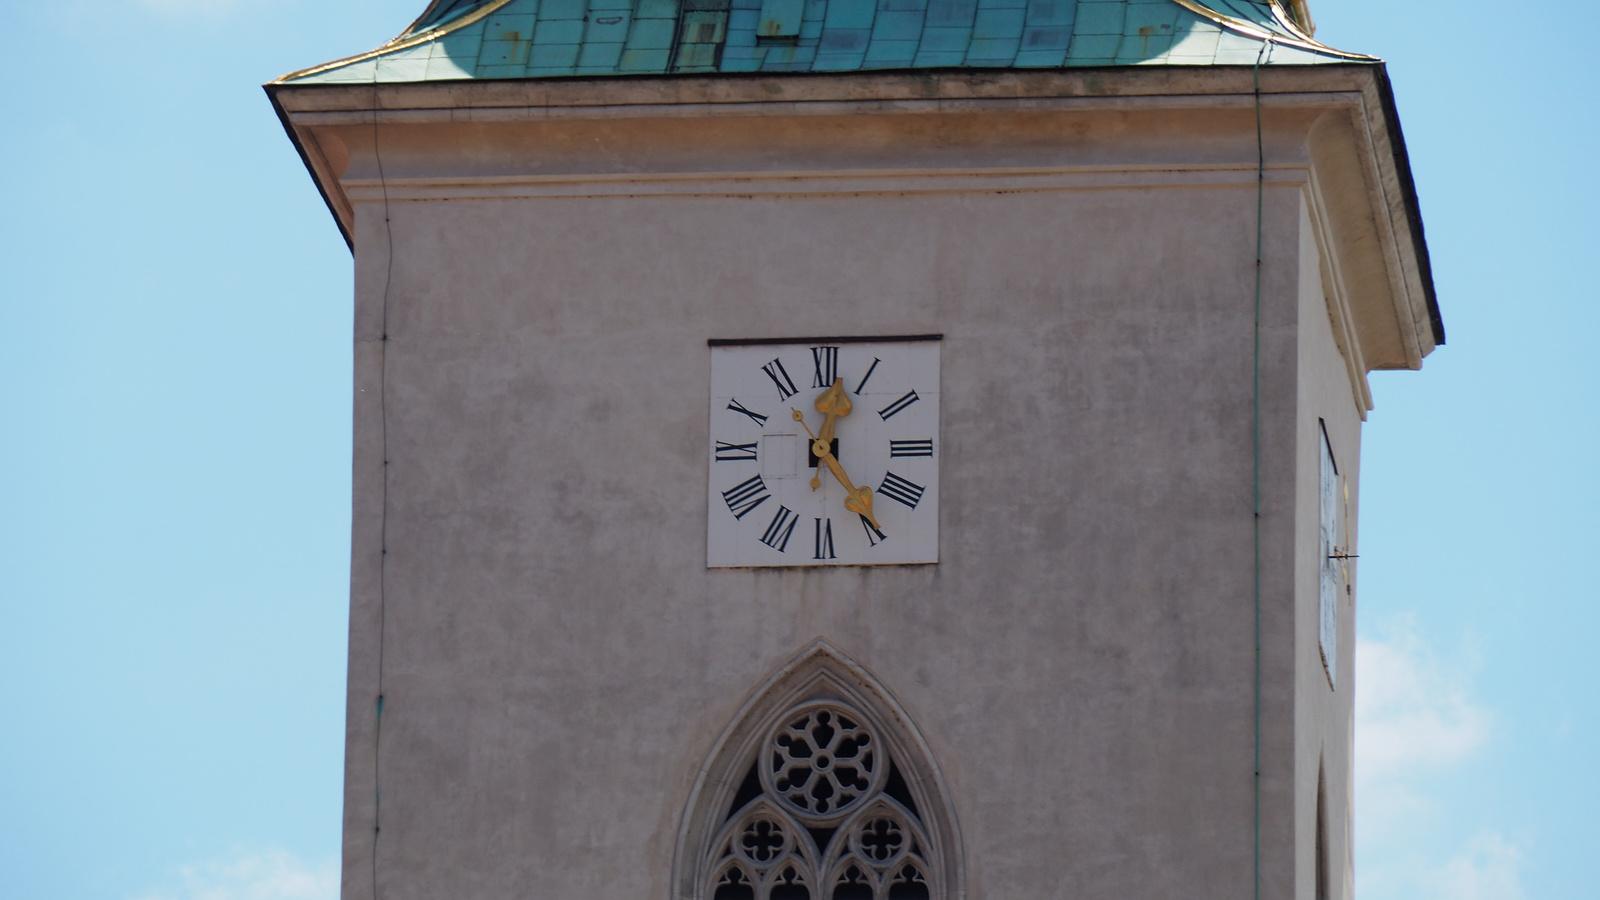 Pozsony, Dóm sv. Martina (Szt Márton dóm), SzG3